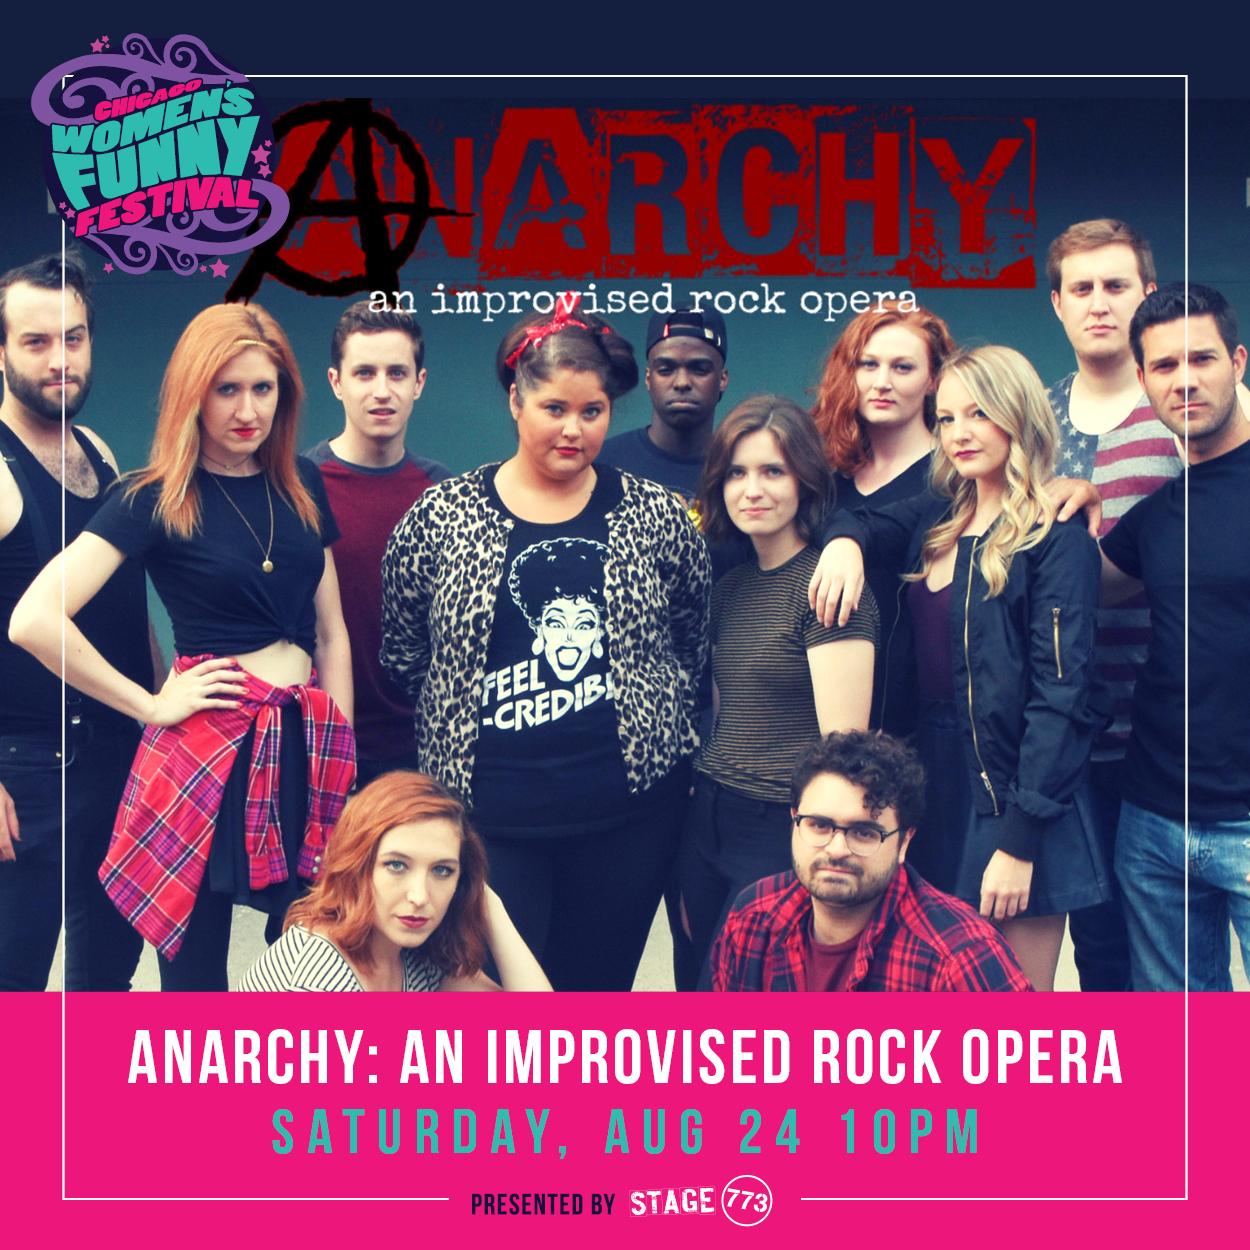 Anarchy_Saturday_10PM_CWFF2019.jpg